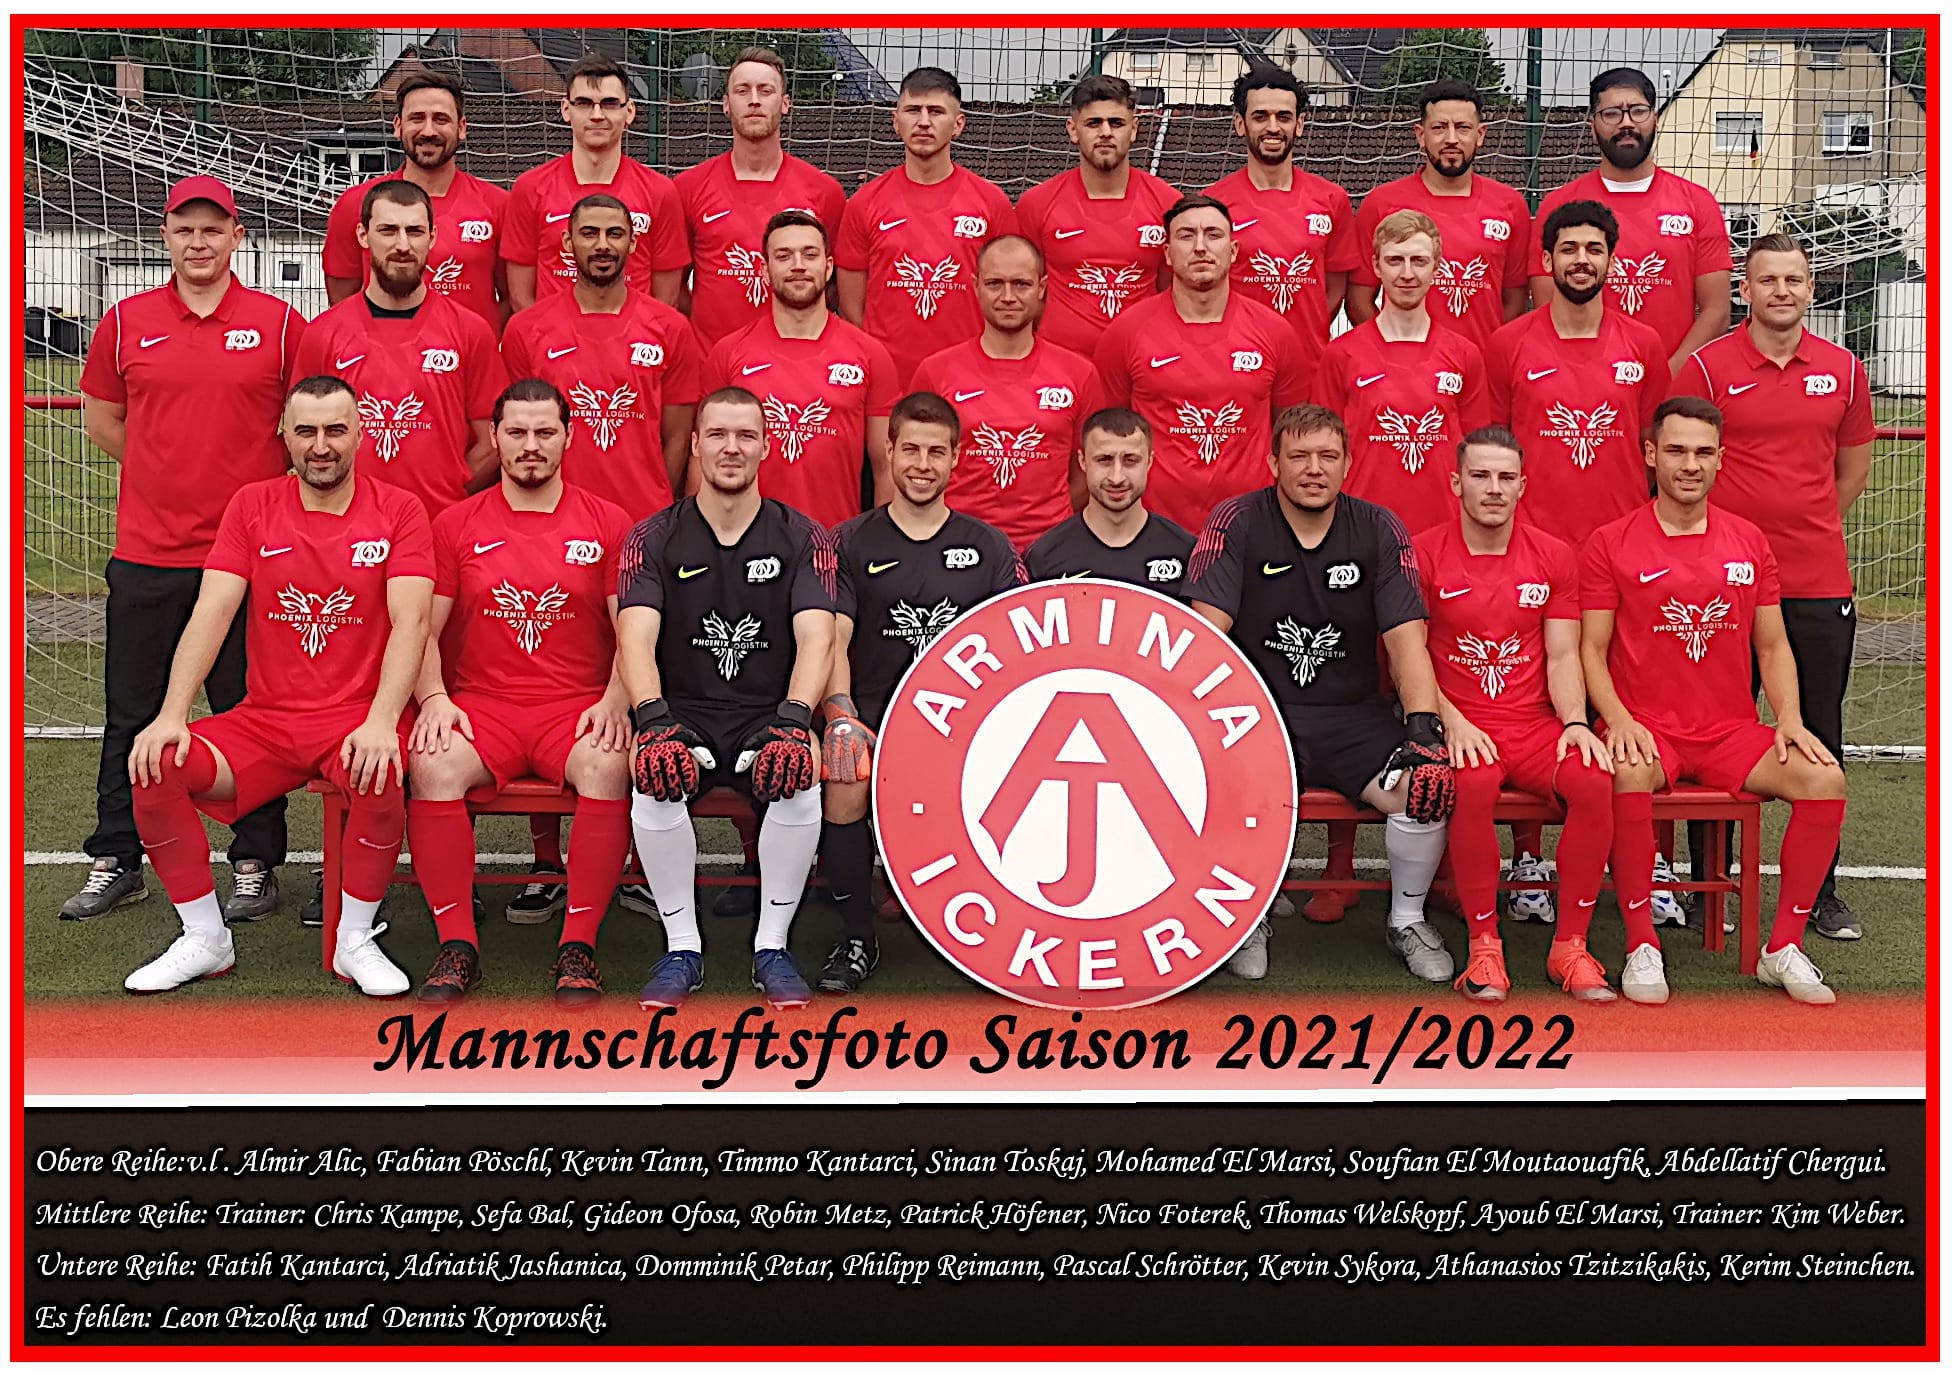 1. Mannschaft von SC Arminia Ickern